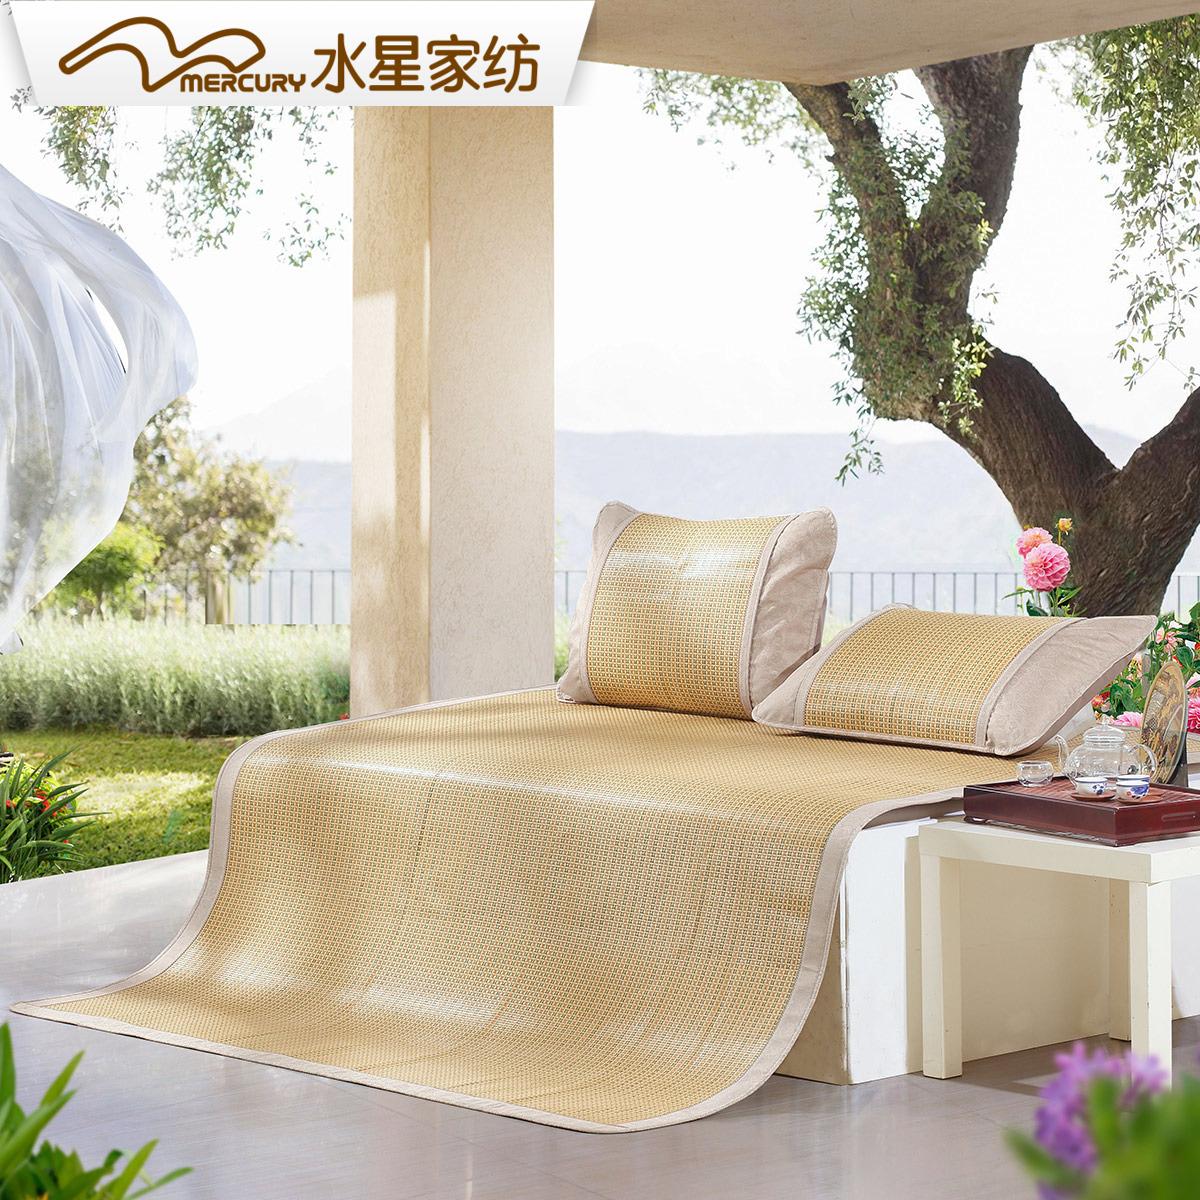 水星家纺素笺绿茶芳香清蔓藤席三件套1.8米床席子单人折叠凉席